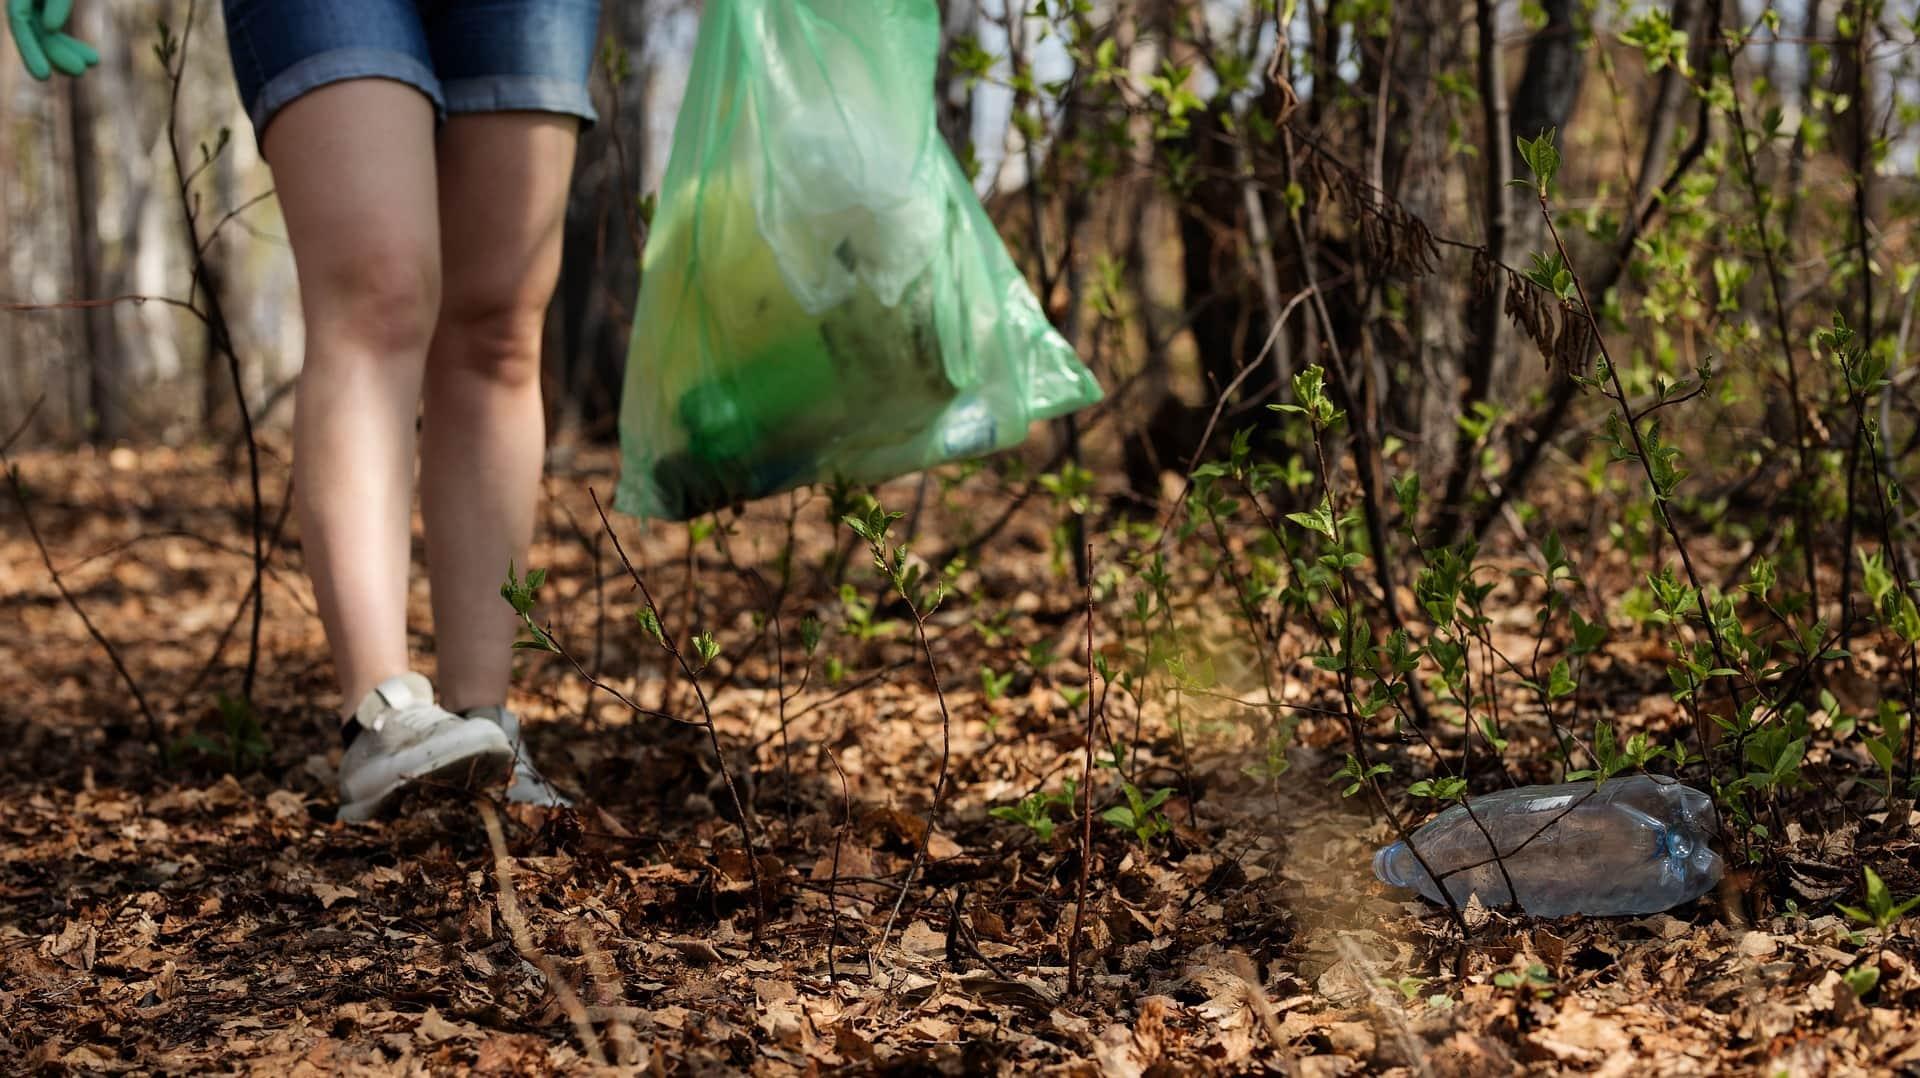 Plogging ist in Schweden ein Trendsport. Während des Joggens sammelst du gleichzeitig Müll ein.